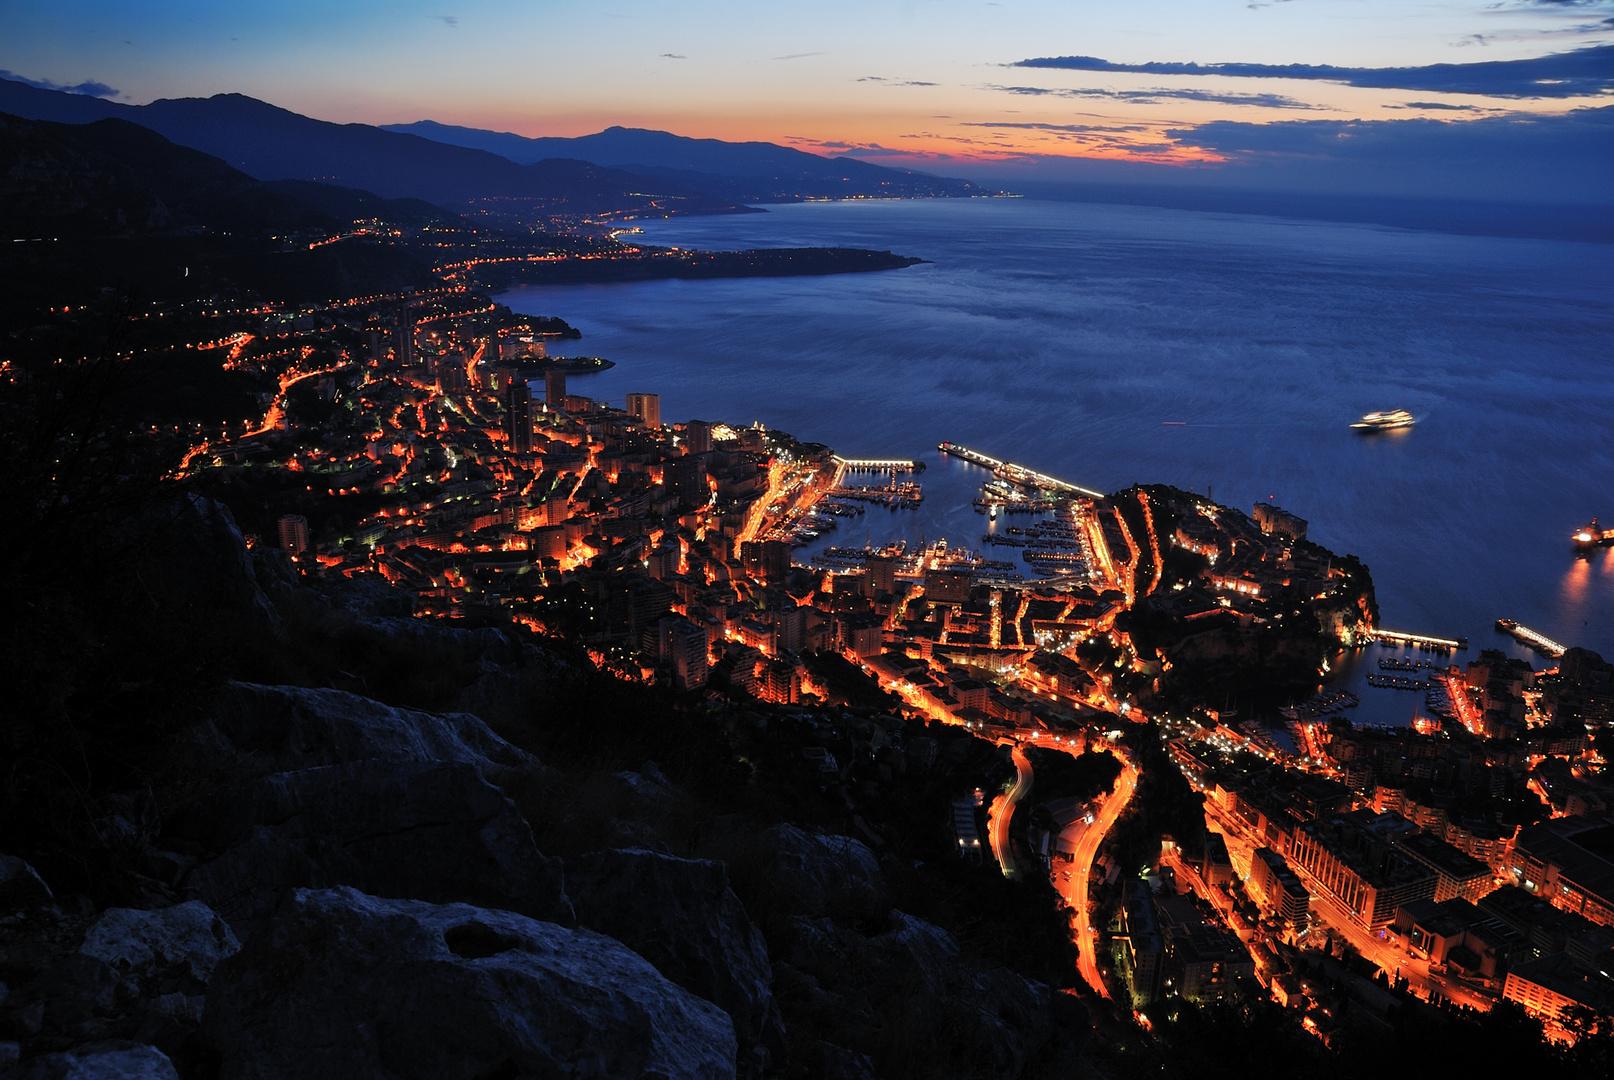 Lever du jour sur Monaco et les portes de l'Italie